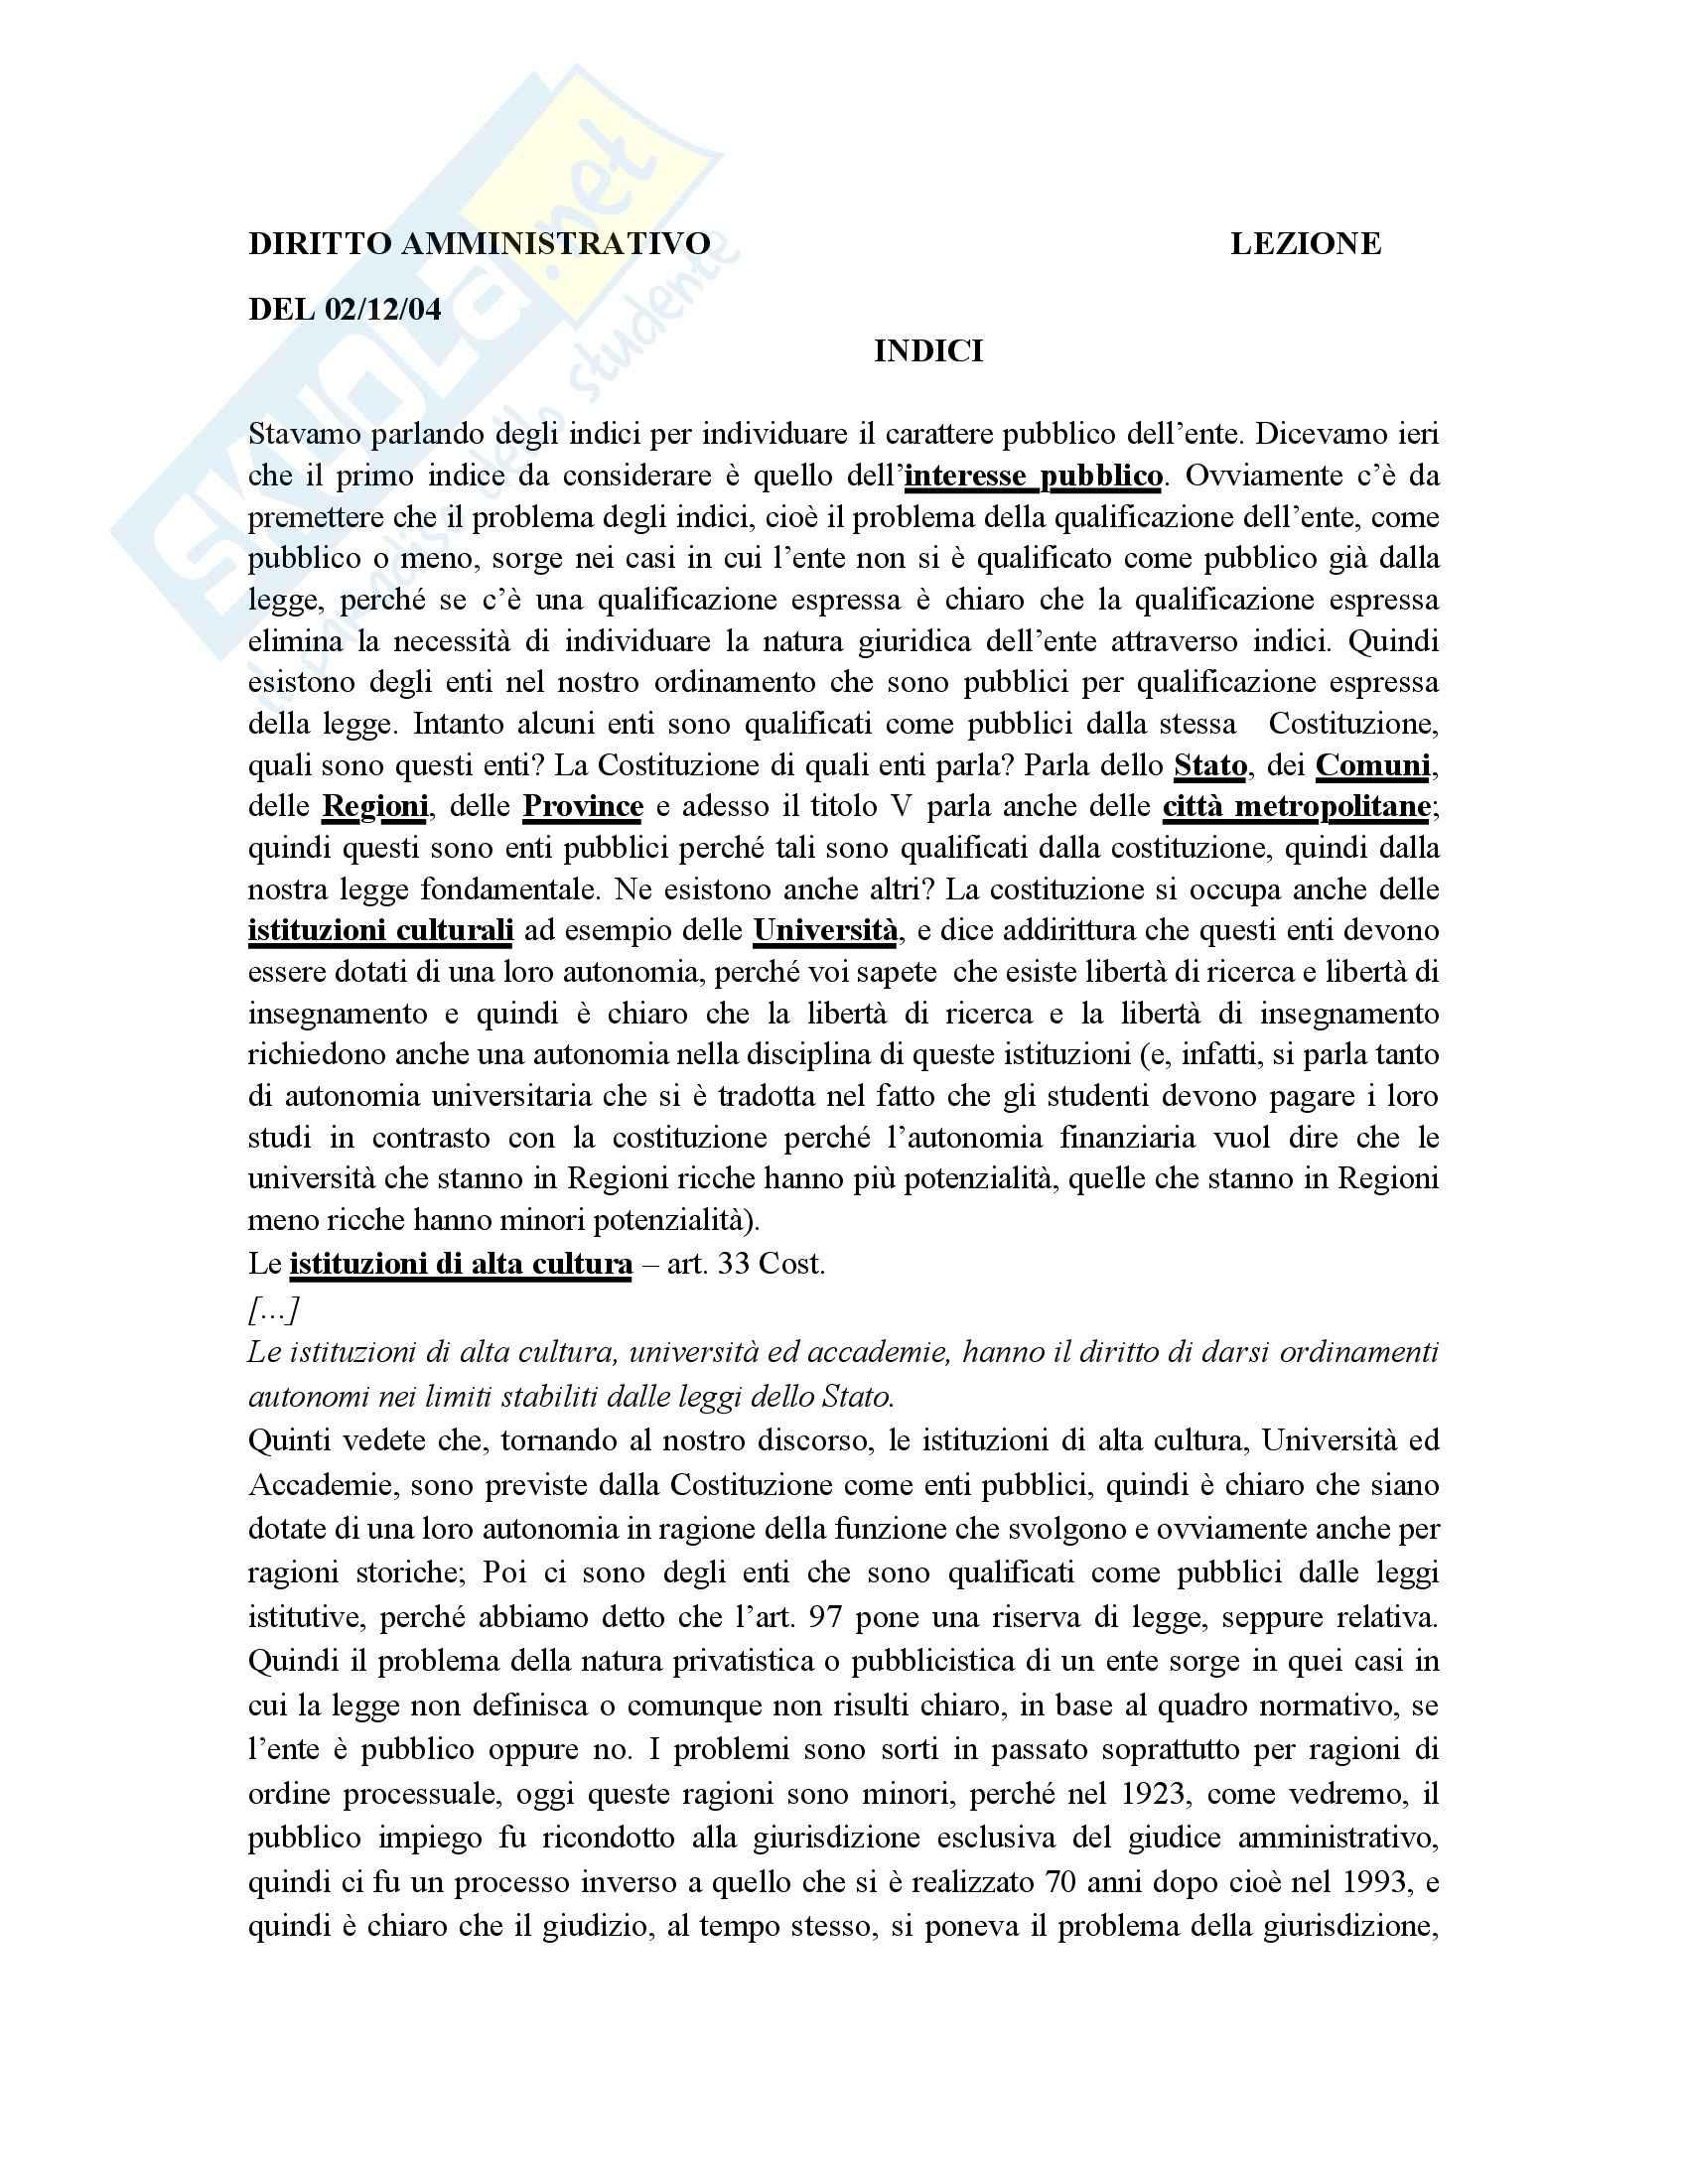 Diritto amministrativo - Lezioni